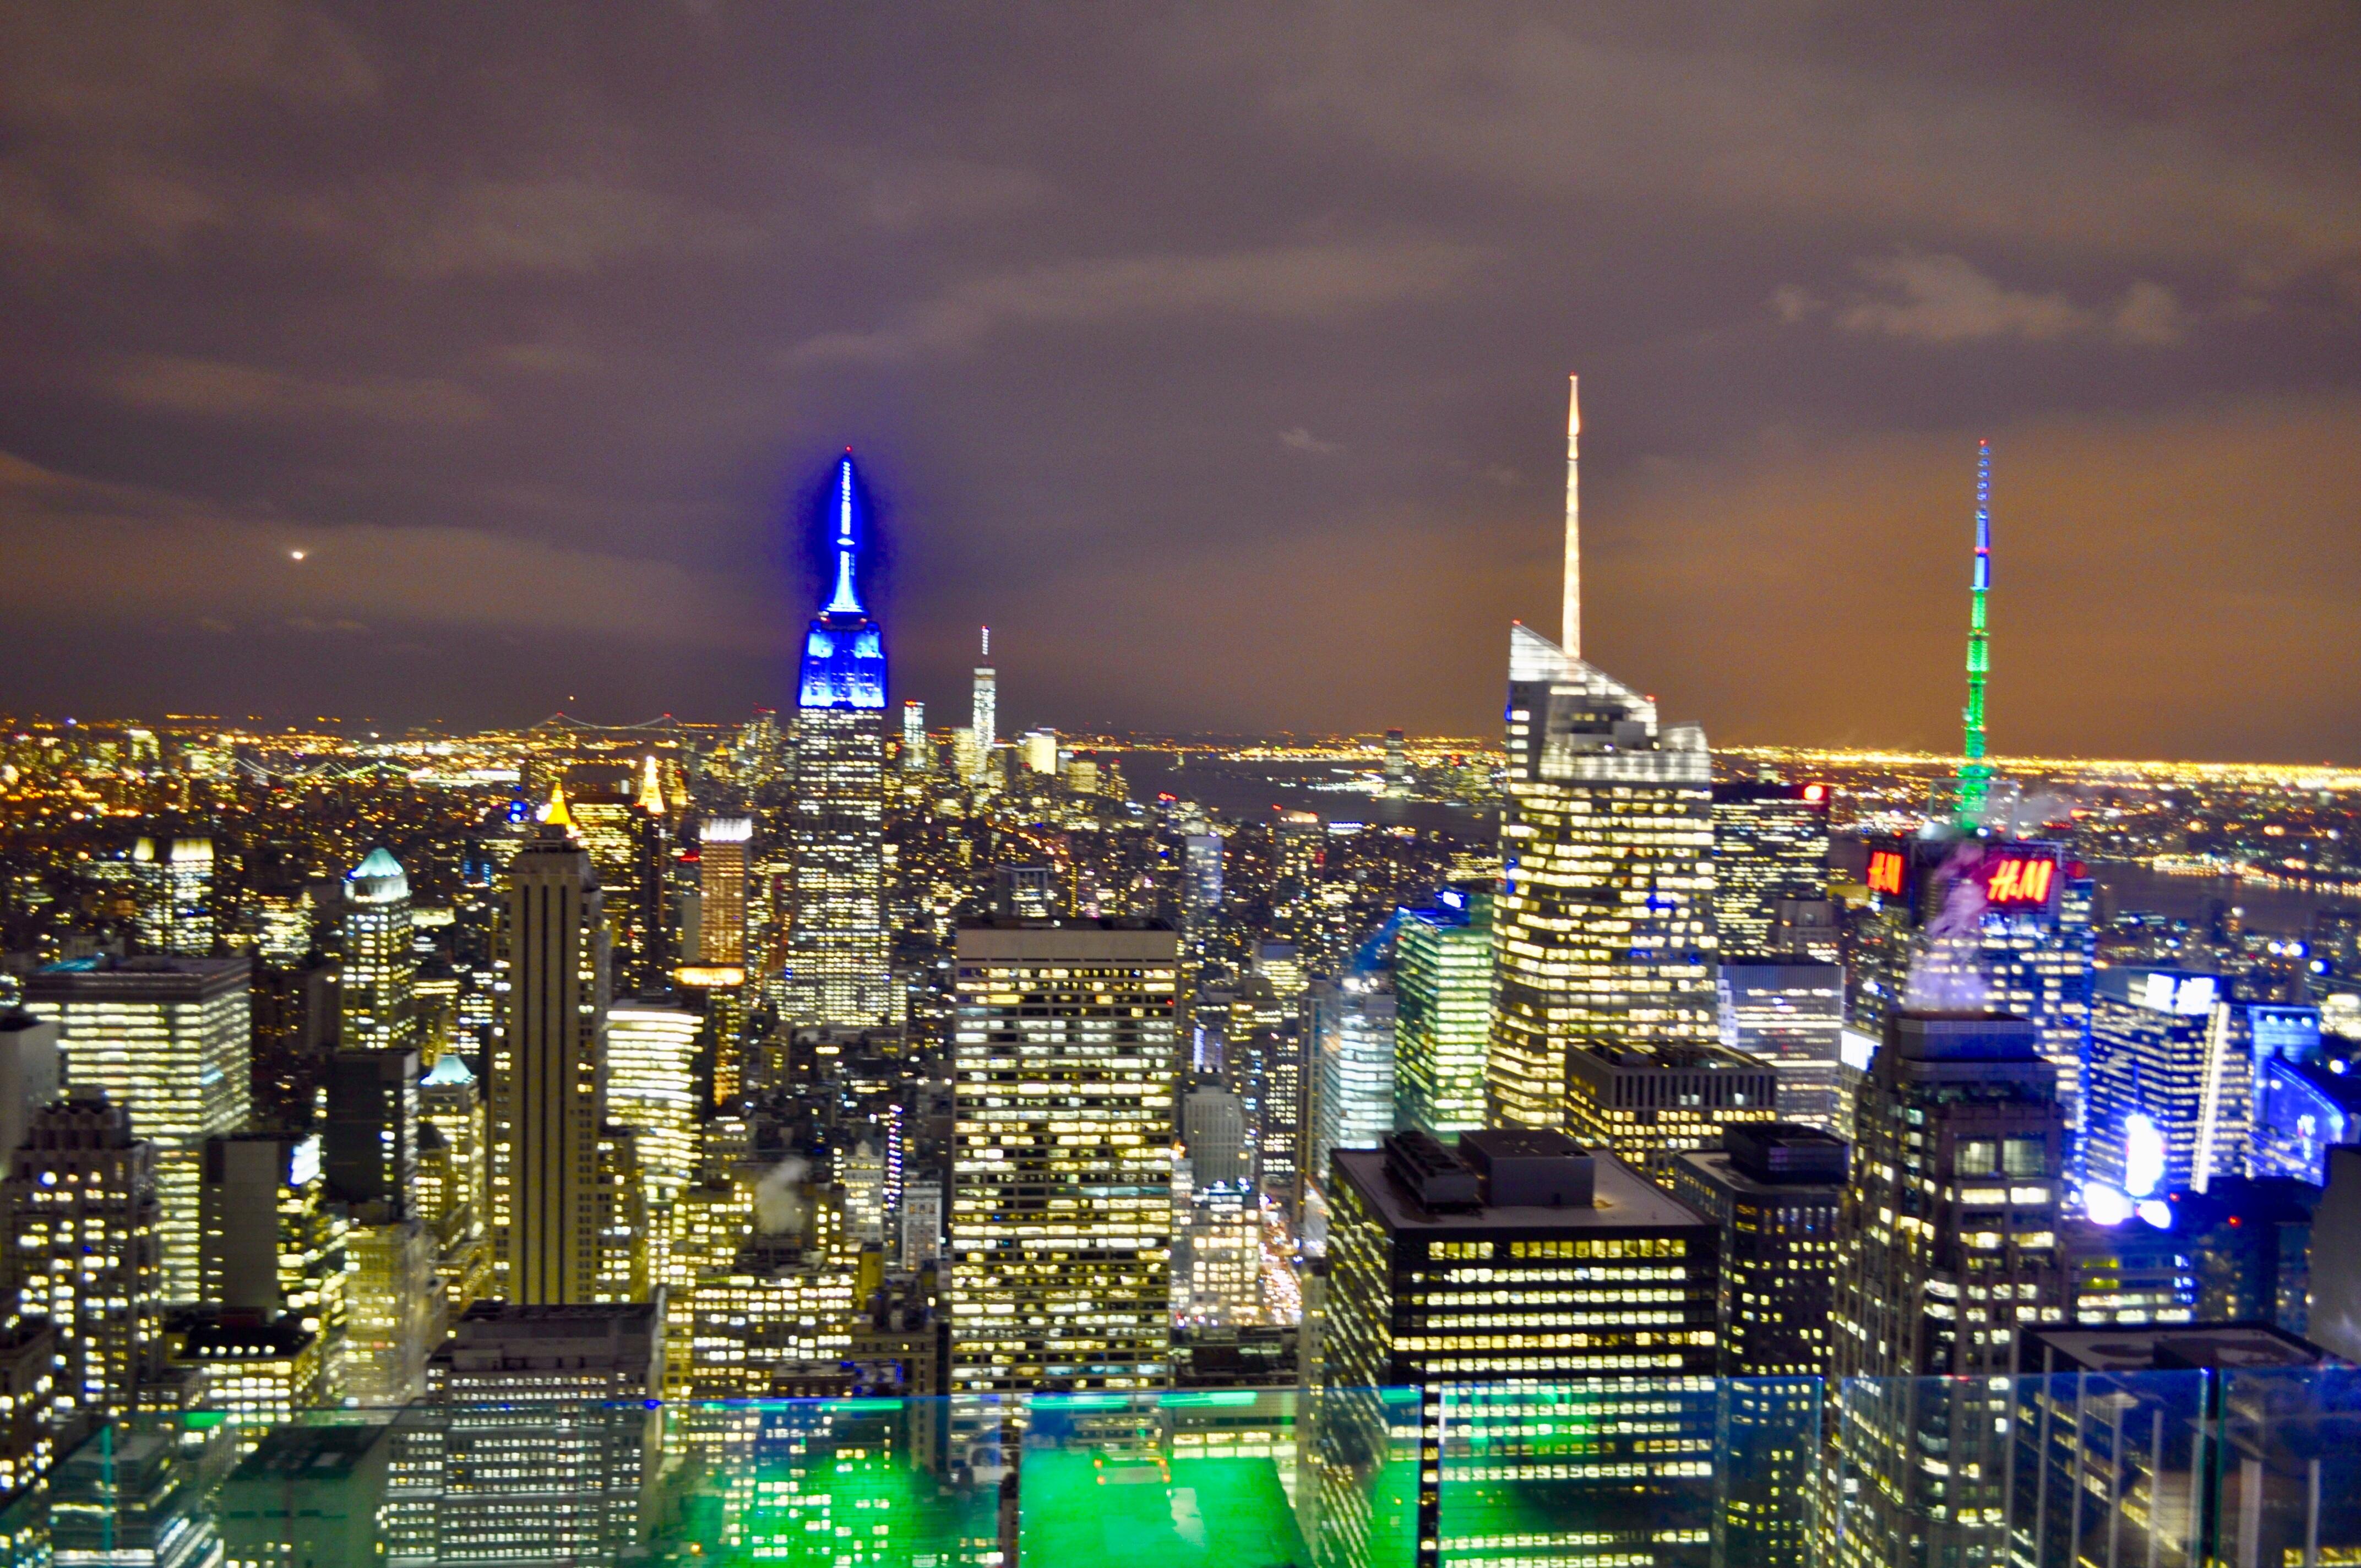 hk_c_攝於美國紐約。位於帝國大廈高處俯瞰紐約全景,各種地標性建築盡收眼底。好心情.jpeg